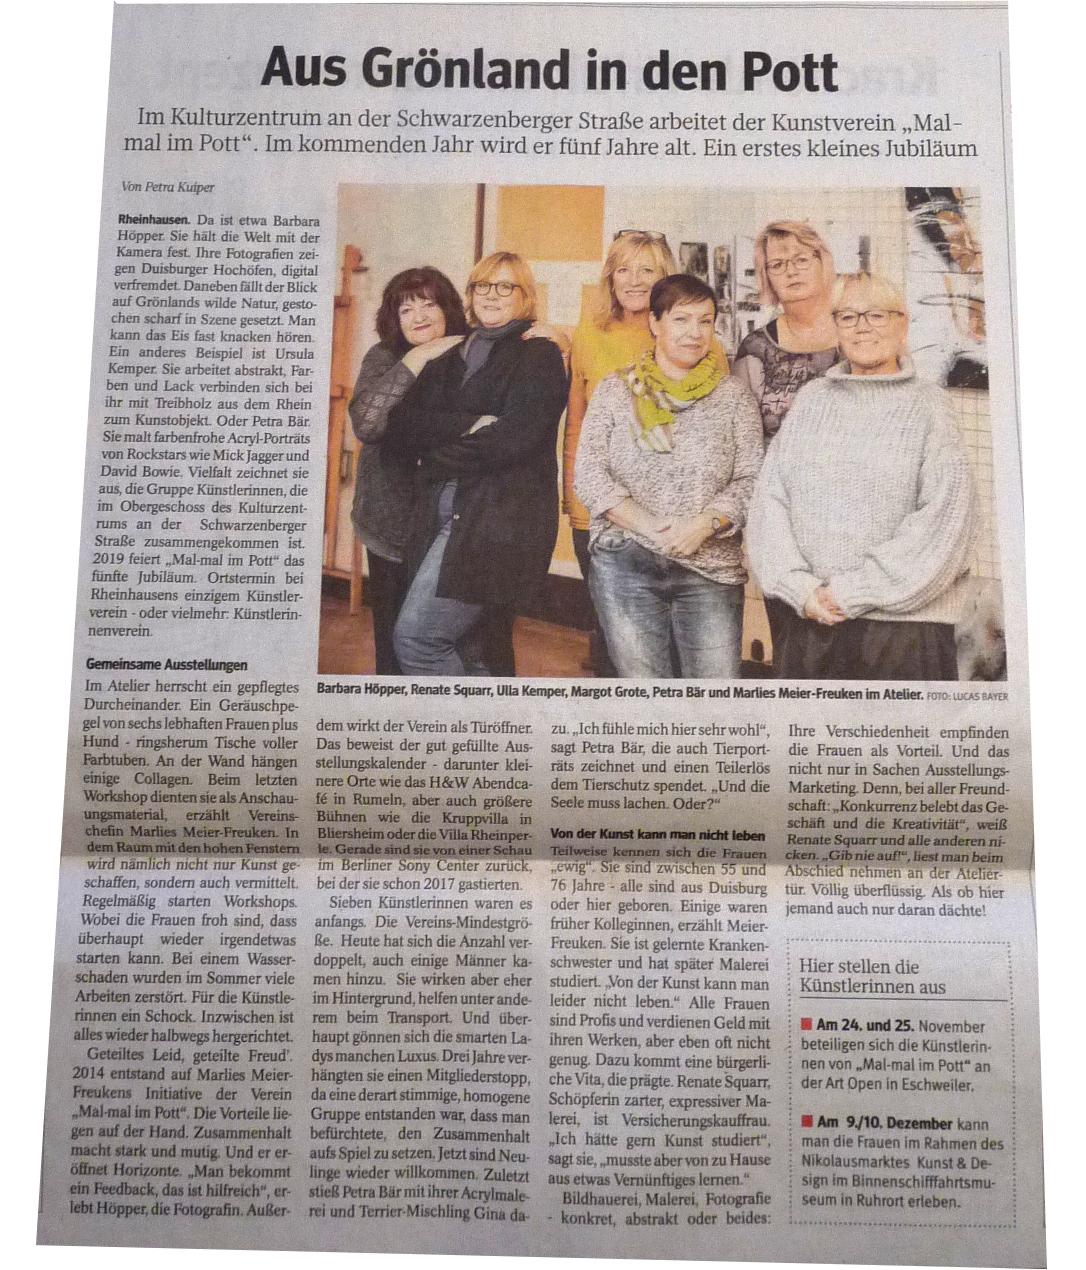 Zeitungsartikel Aus Grönland in den Pott